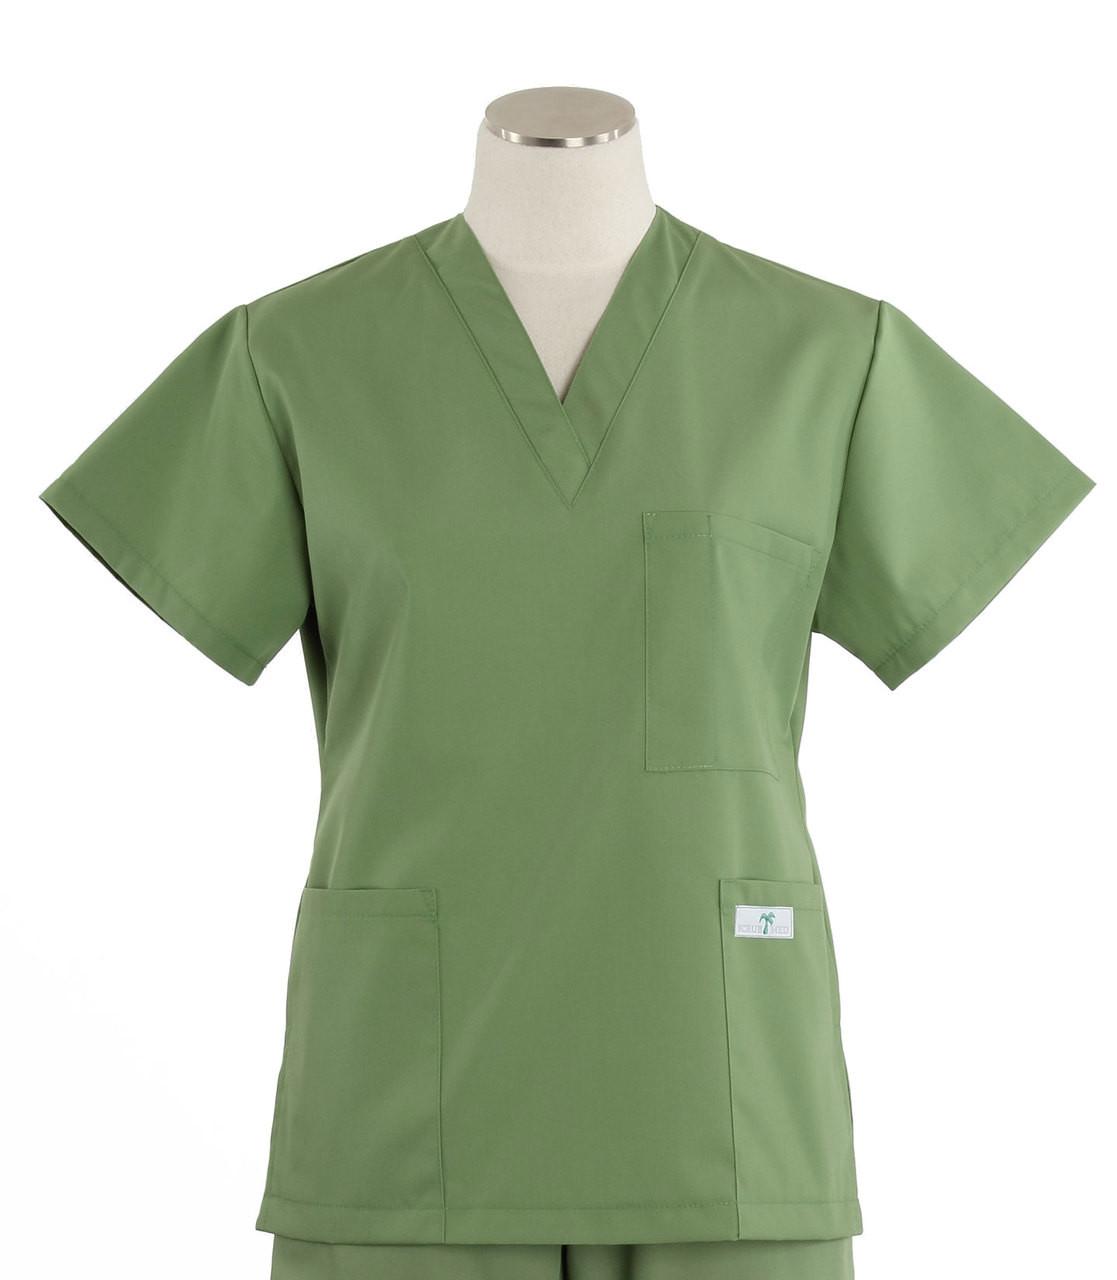 19707979f0a Scrub Med Womens Solid V-Poc Scrub Top Bay Leaf - Scrub Med